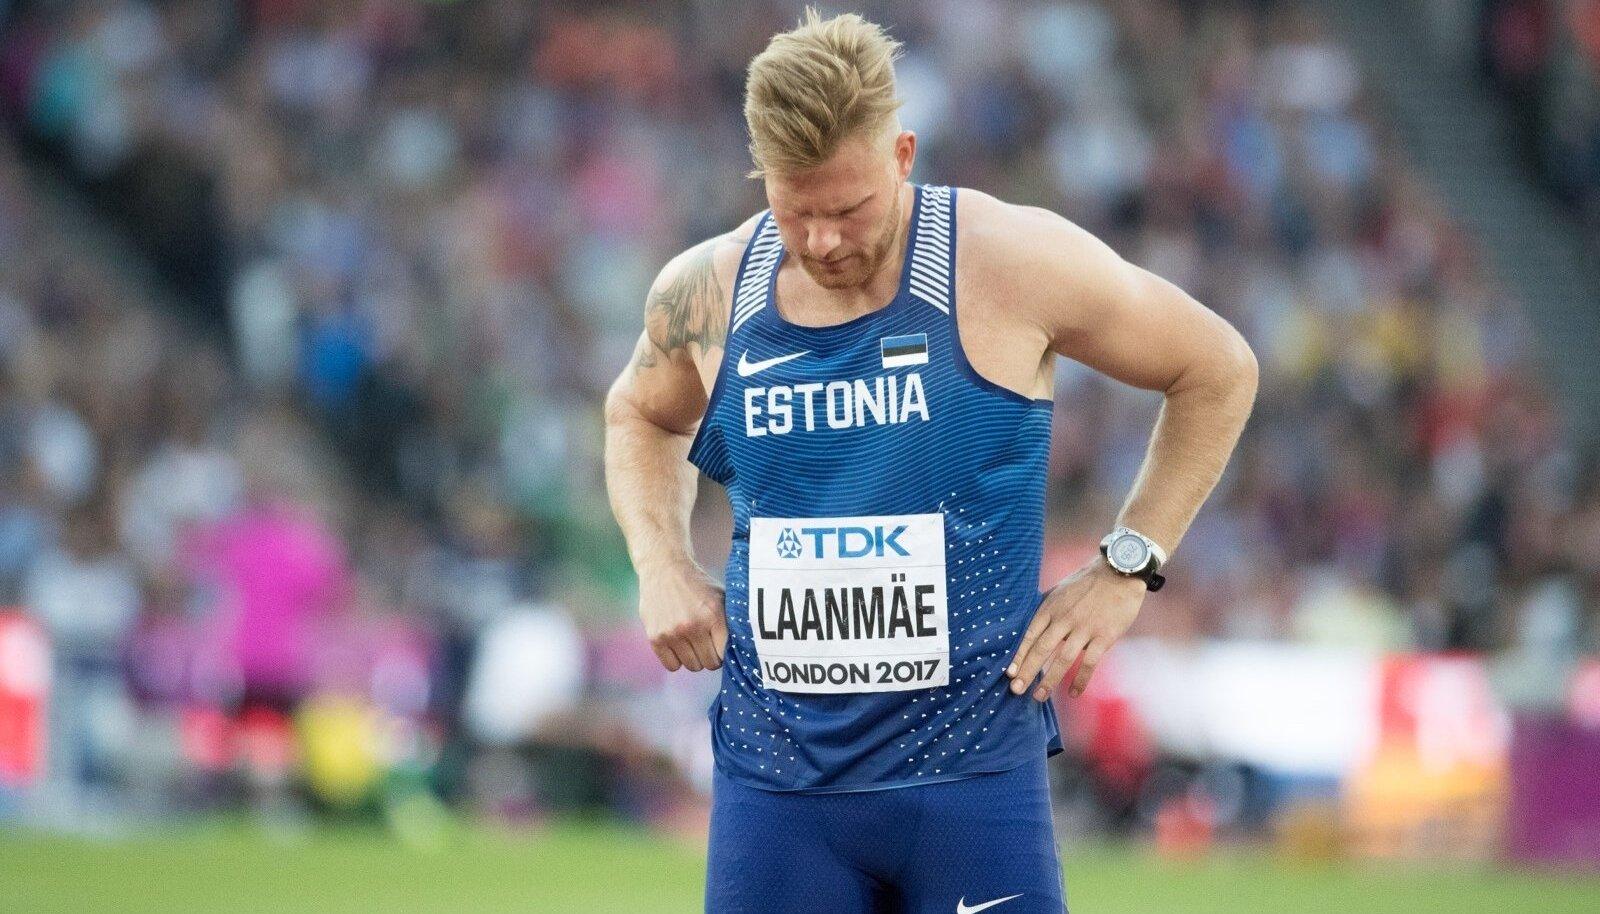 Tanel Laanmäe.